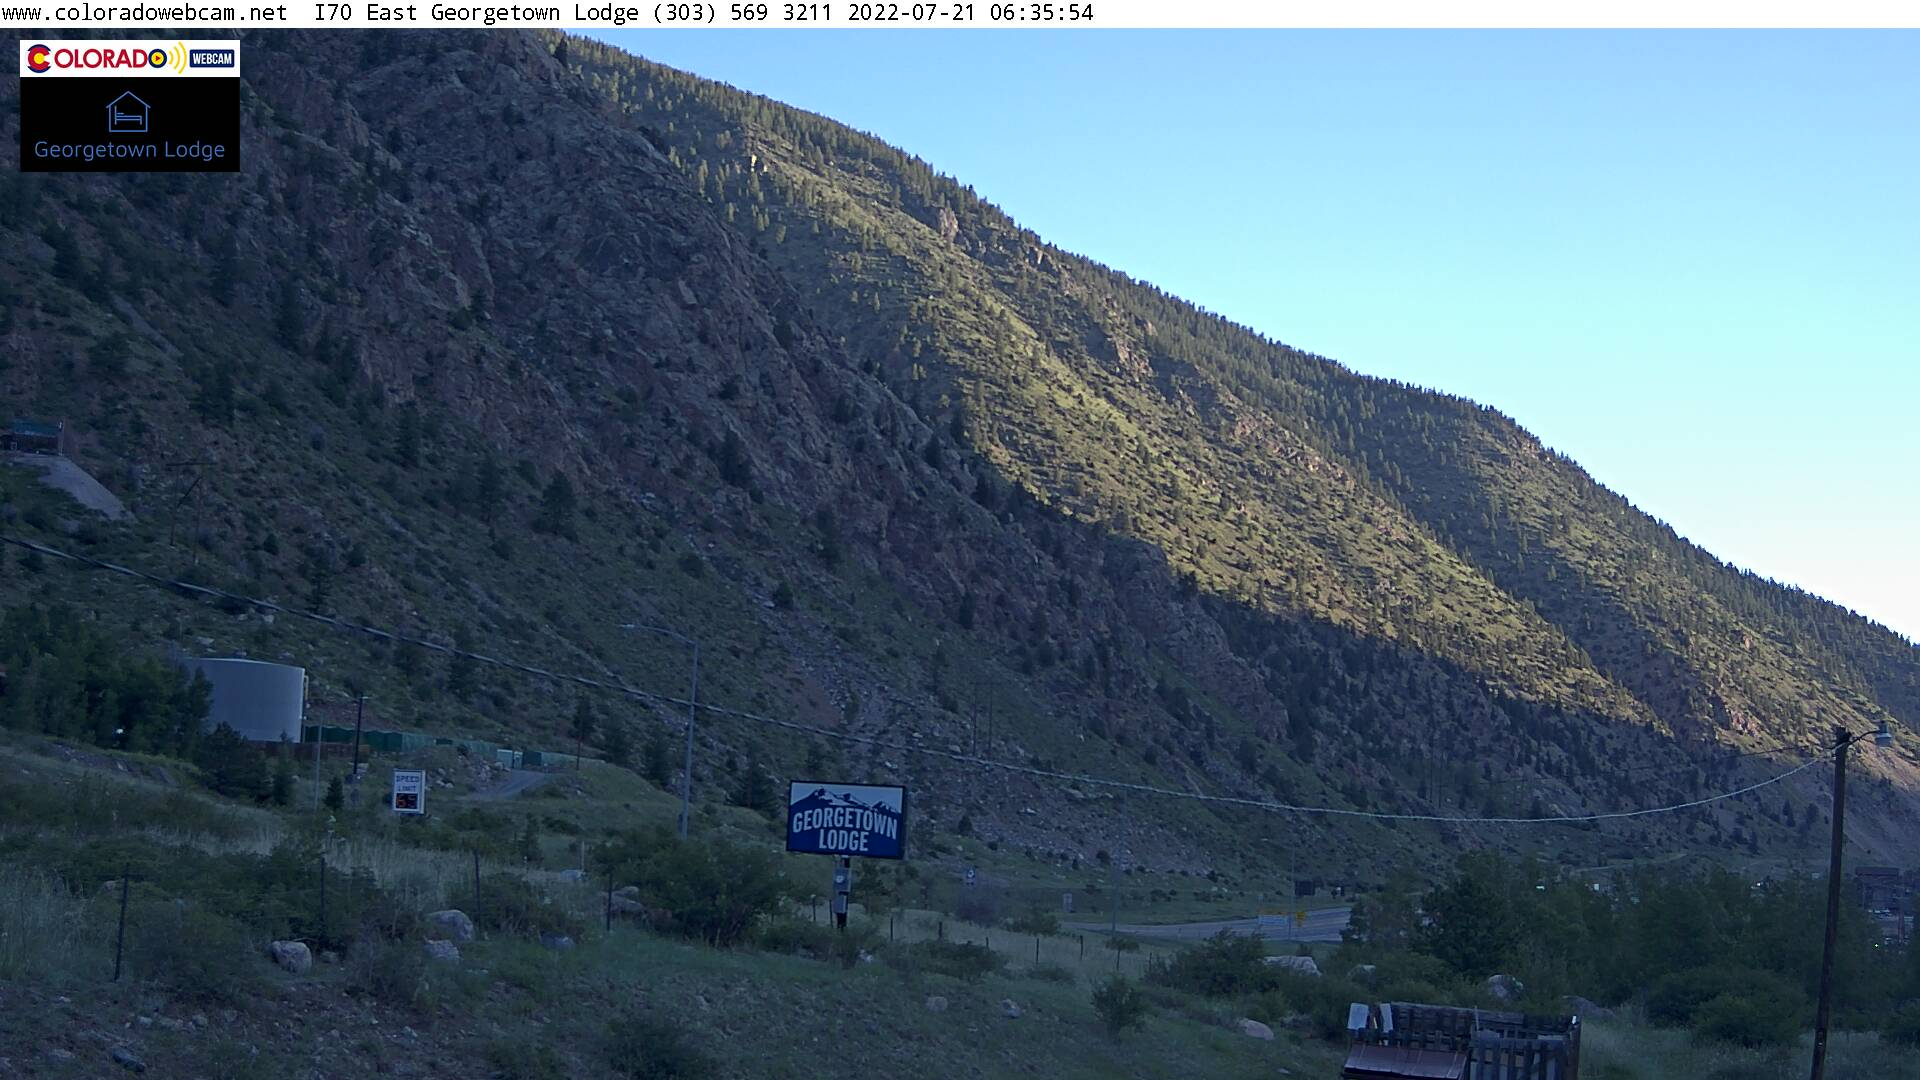 Idaho Springs - Georgetown Webcams | ColoradoWebCam Net